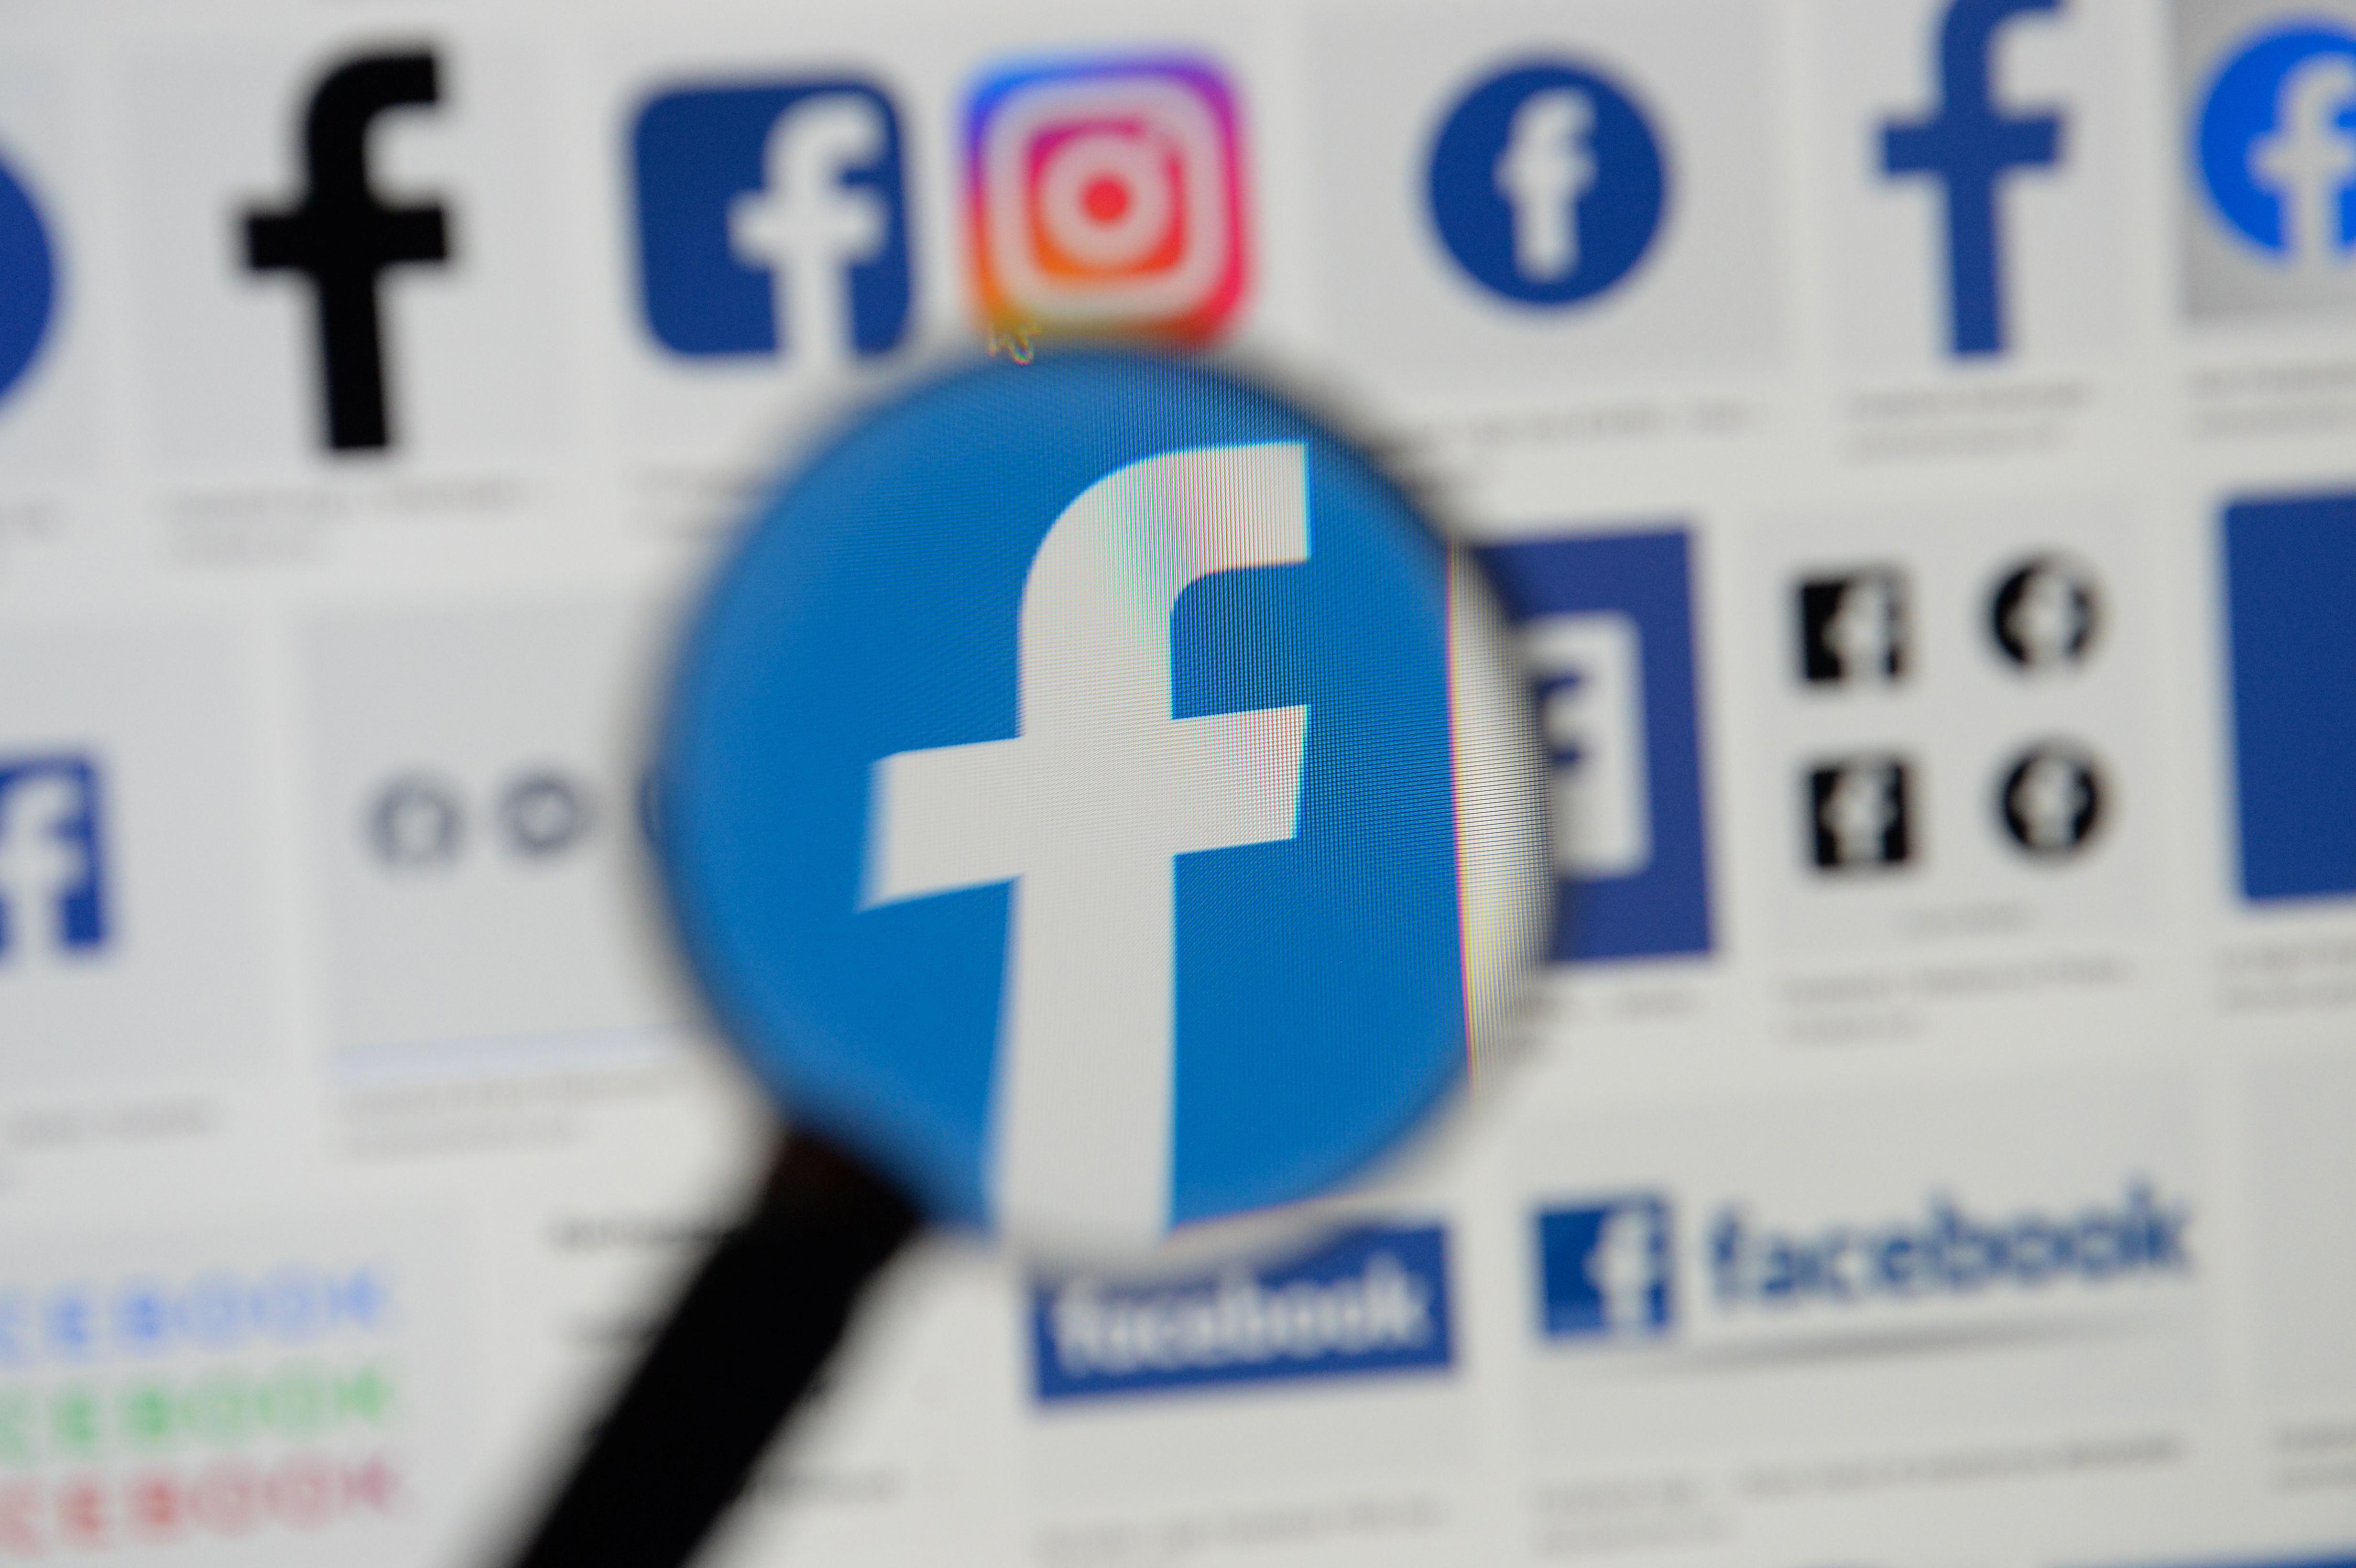 Facebook sues ILikeAd, alleges ad fraud